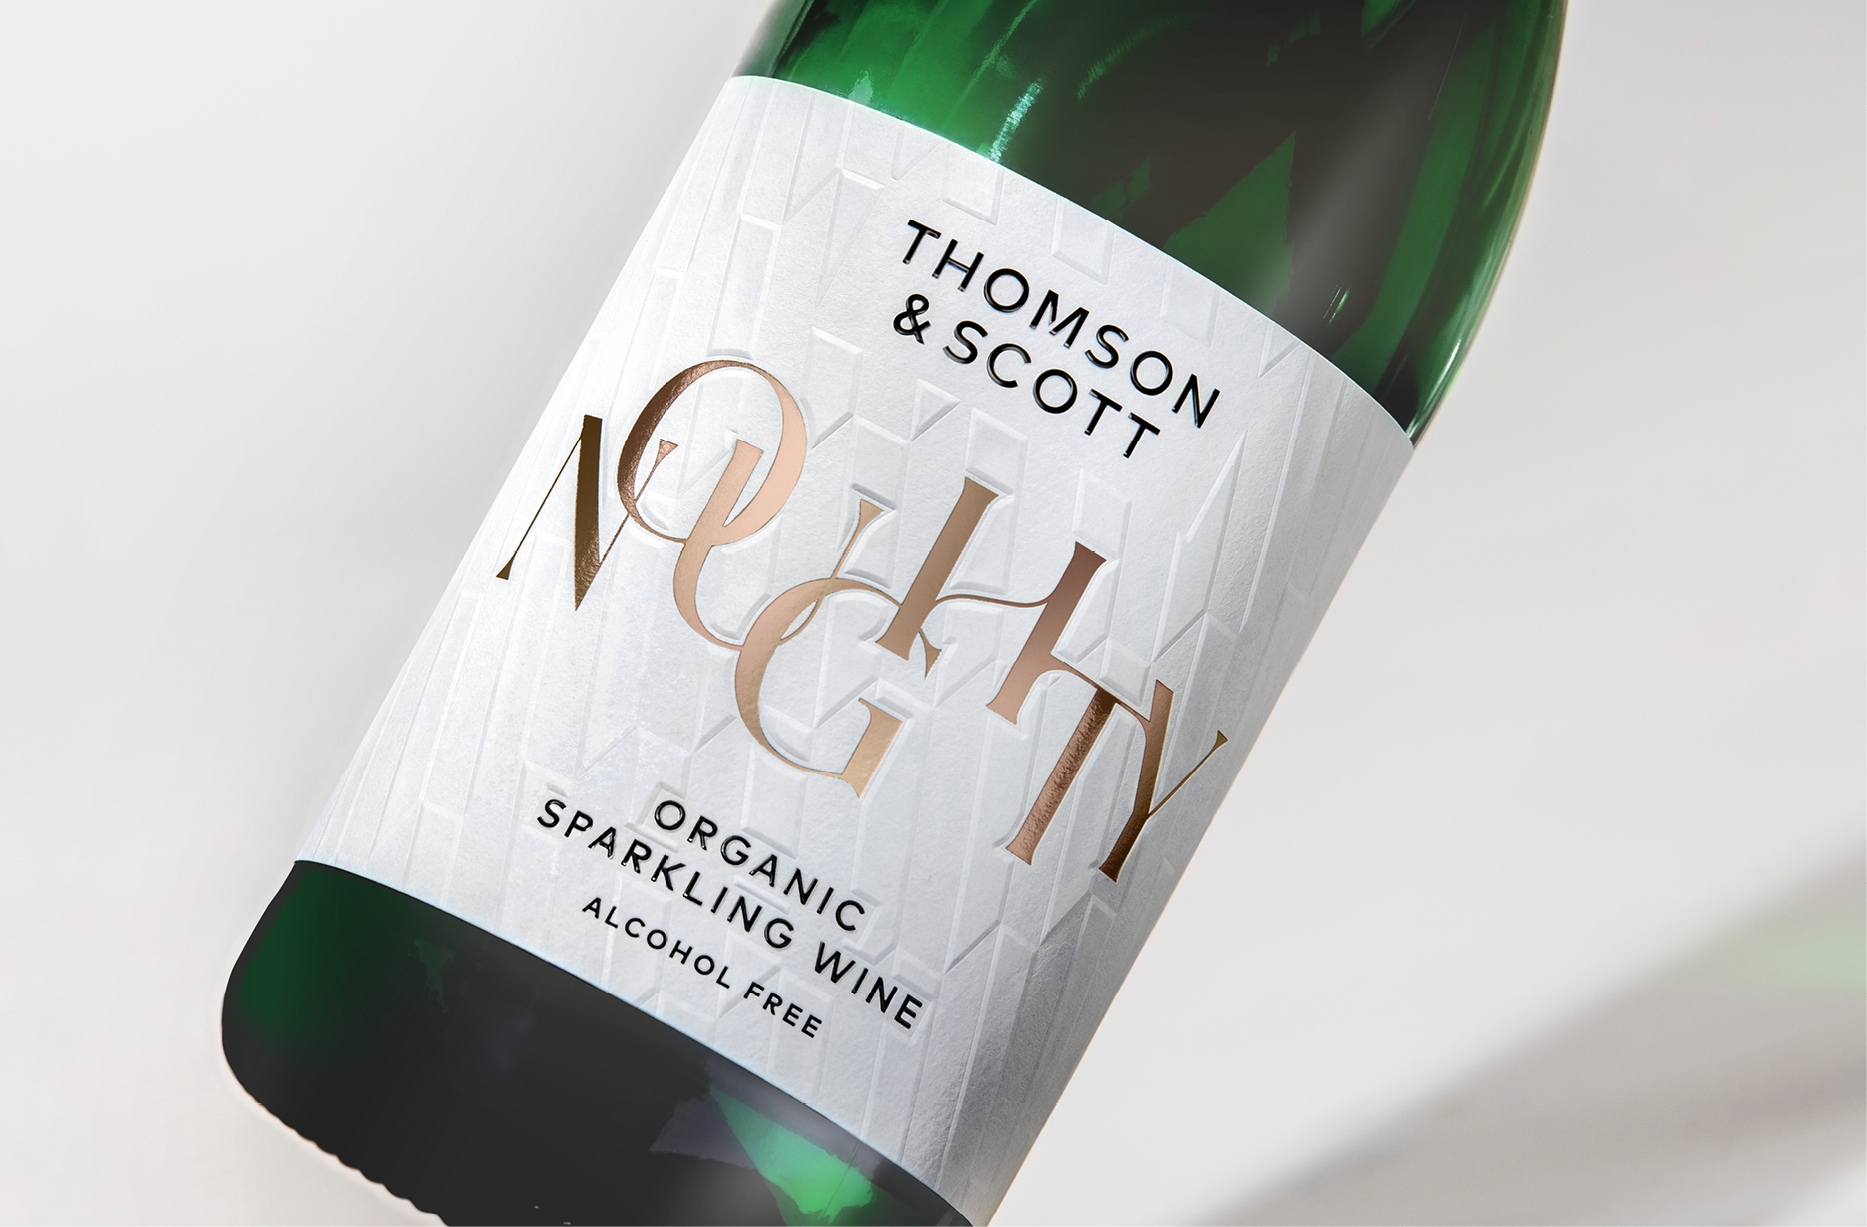 Thomson & Scott Rebrand